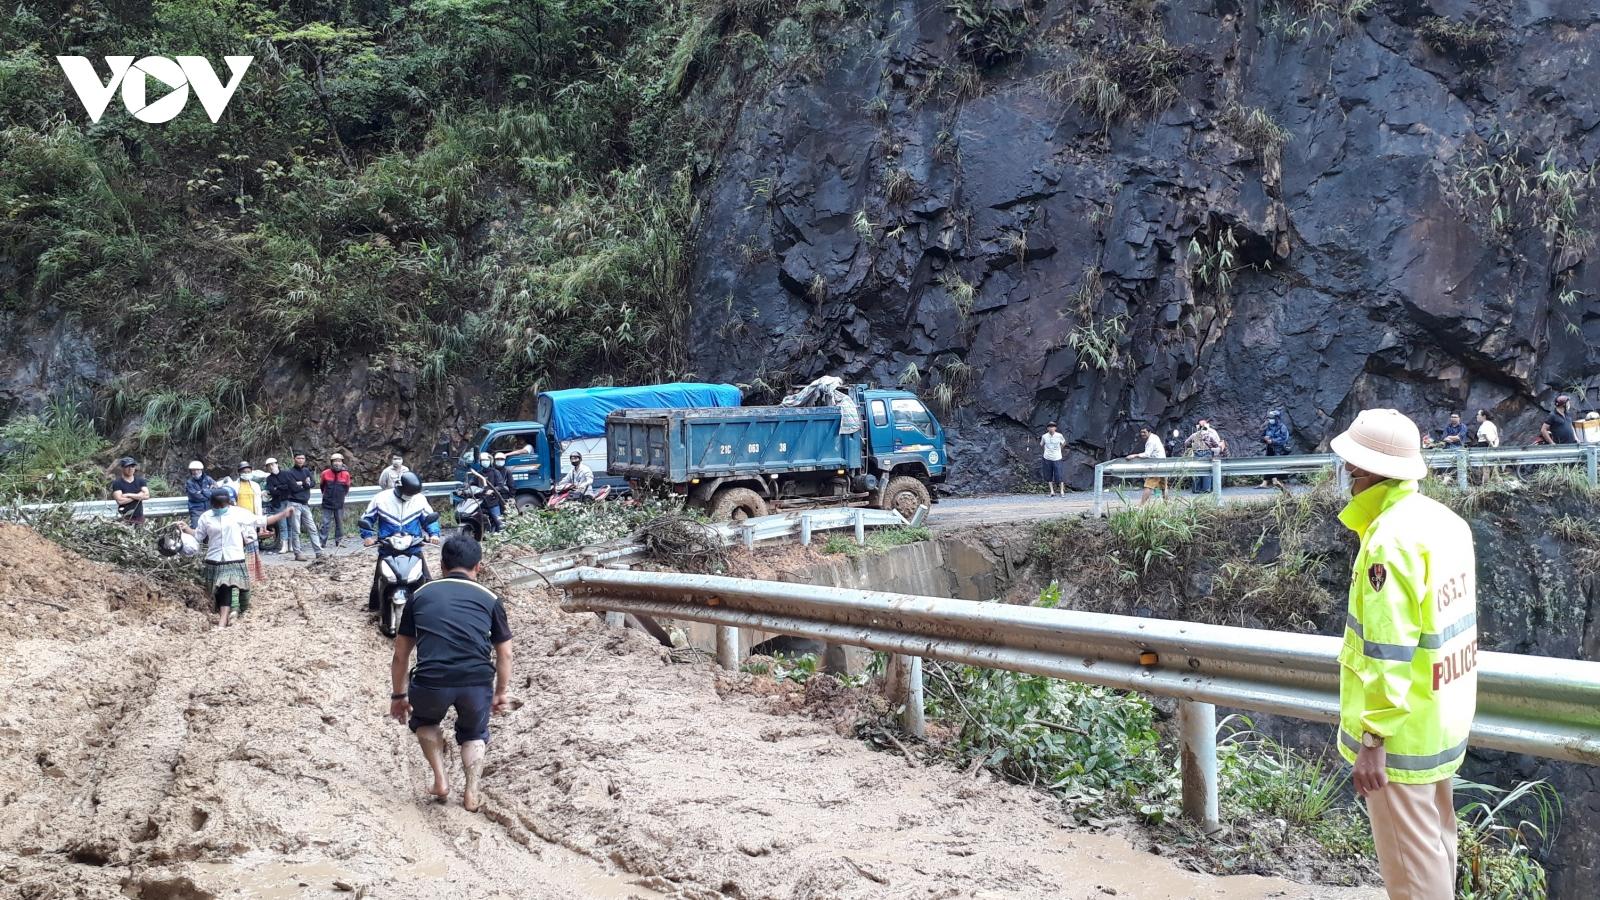 Sạt lở gây tắc đường đi huyện Trạm Tấu (Yên Bái)